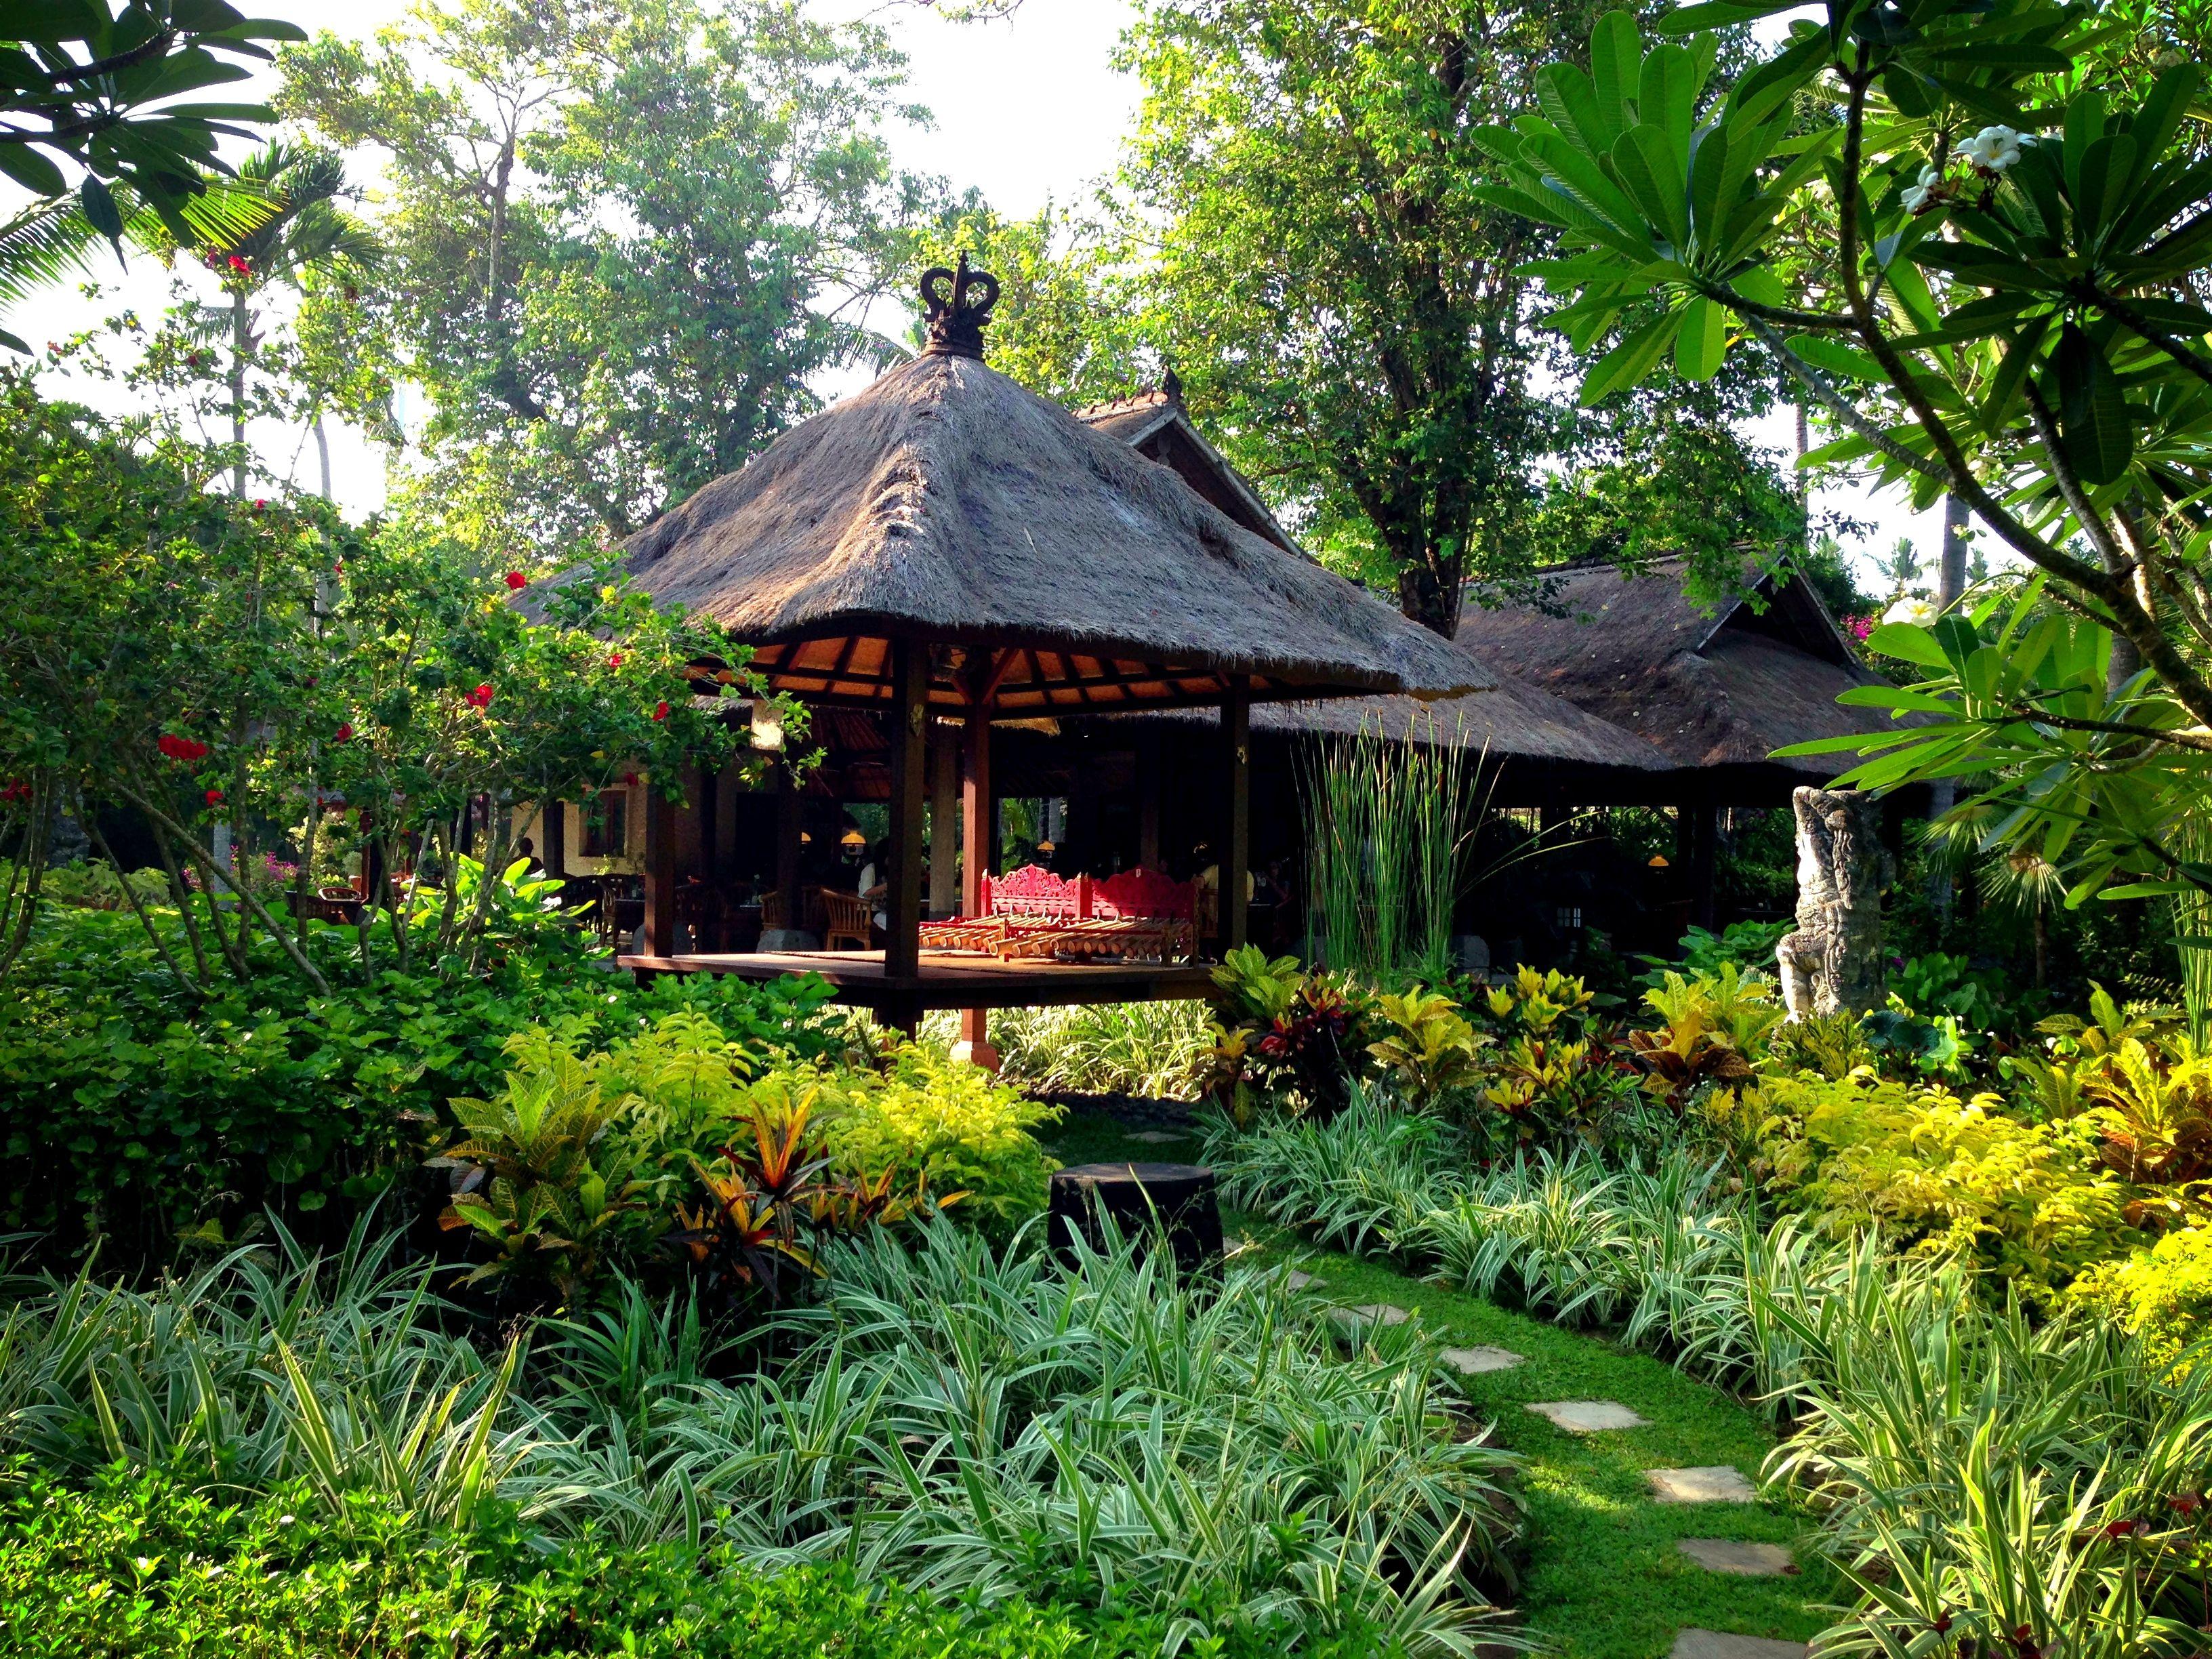 Southeast Asia Garden Garden Landscape Balinese Garden Tropical Garden Jungle Gardens